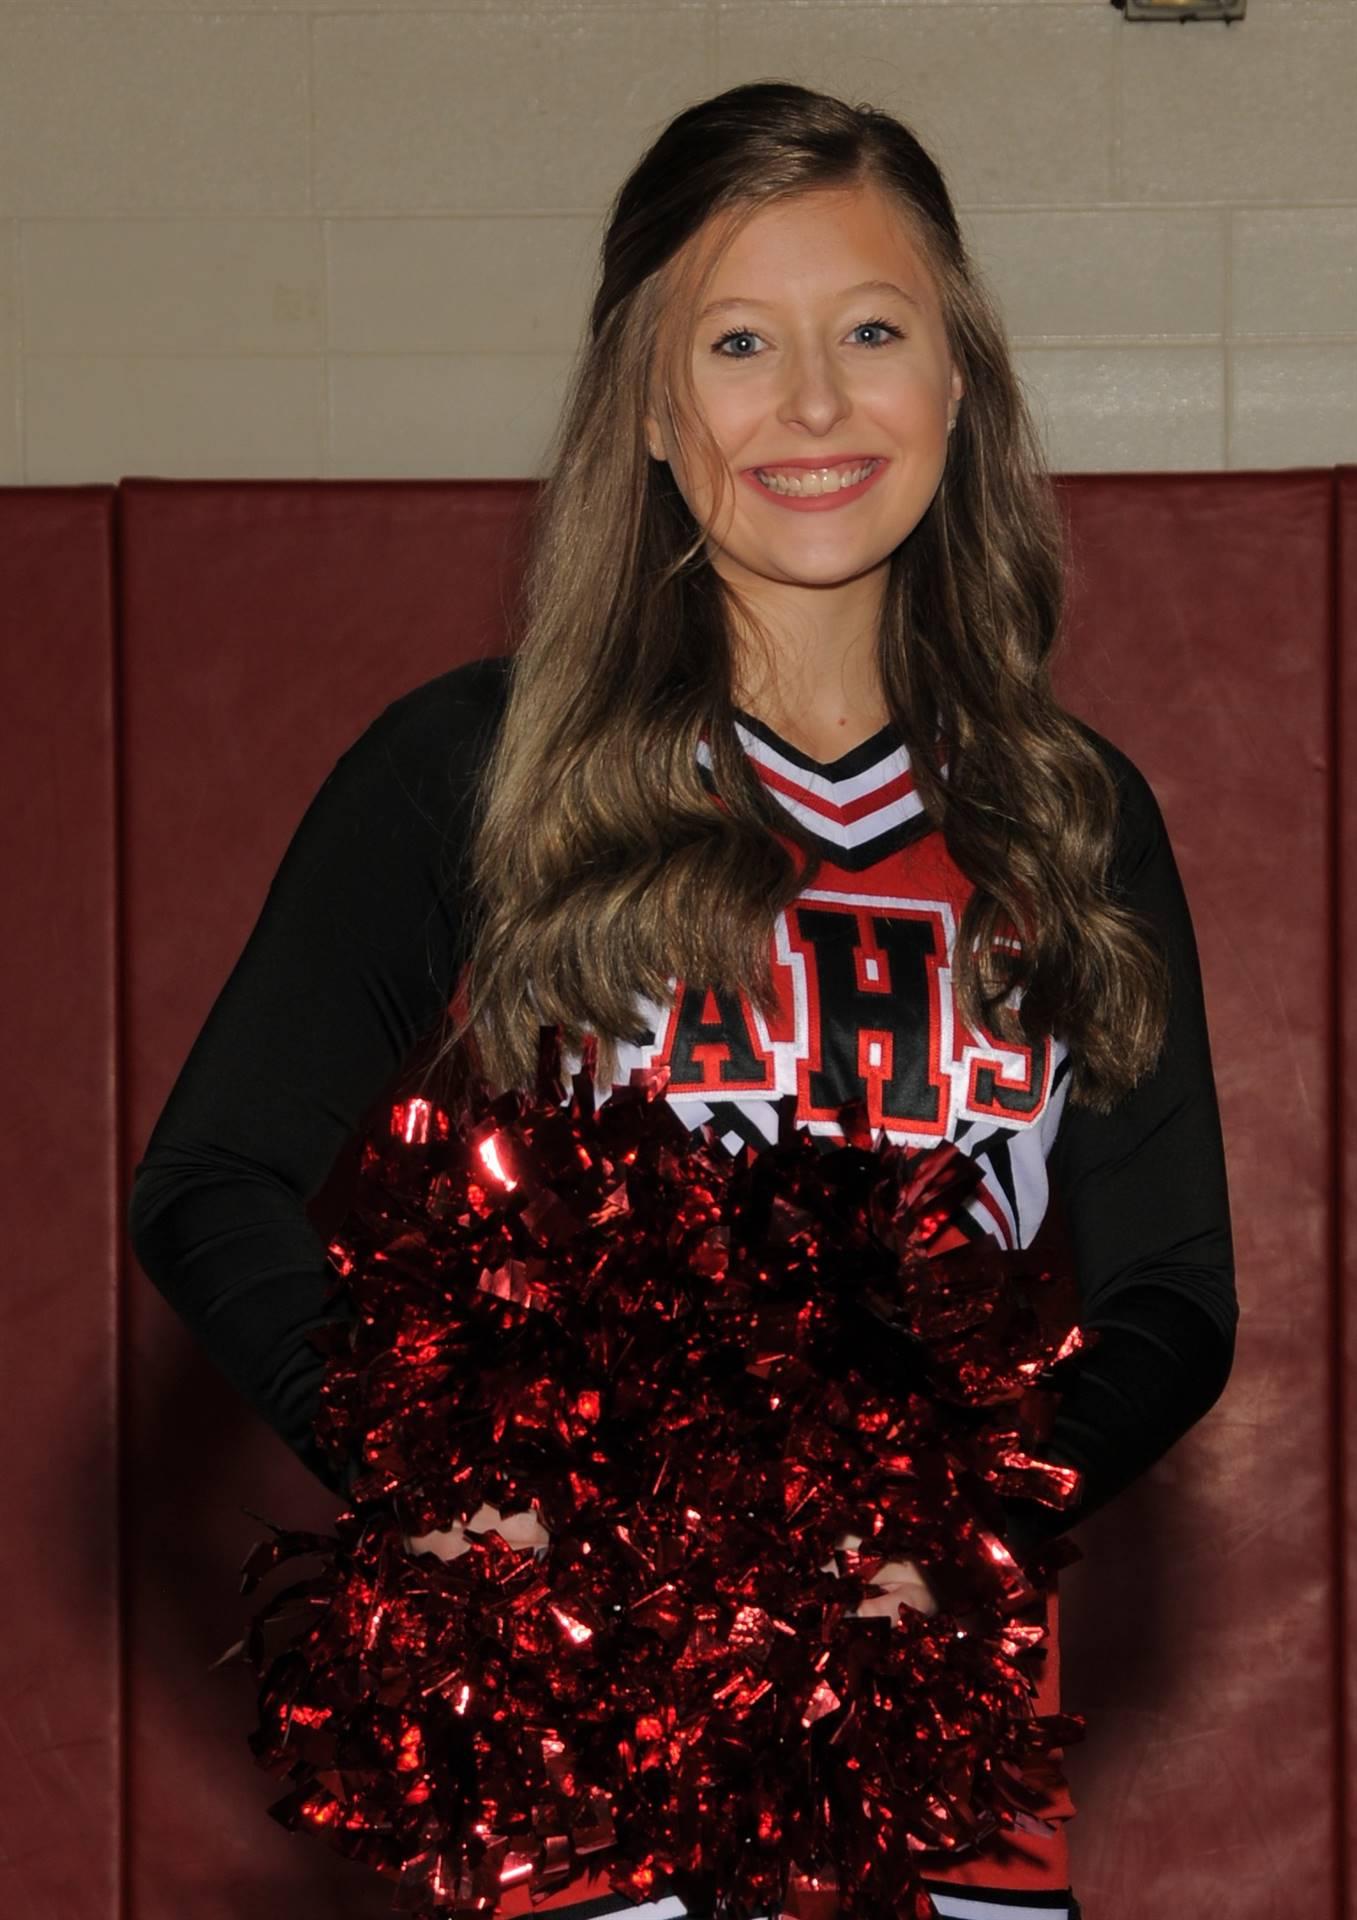 Braylee Harris - Cheerleading